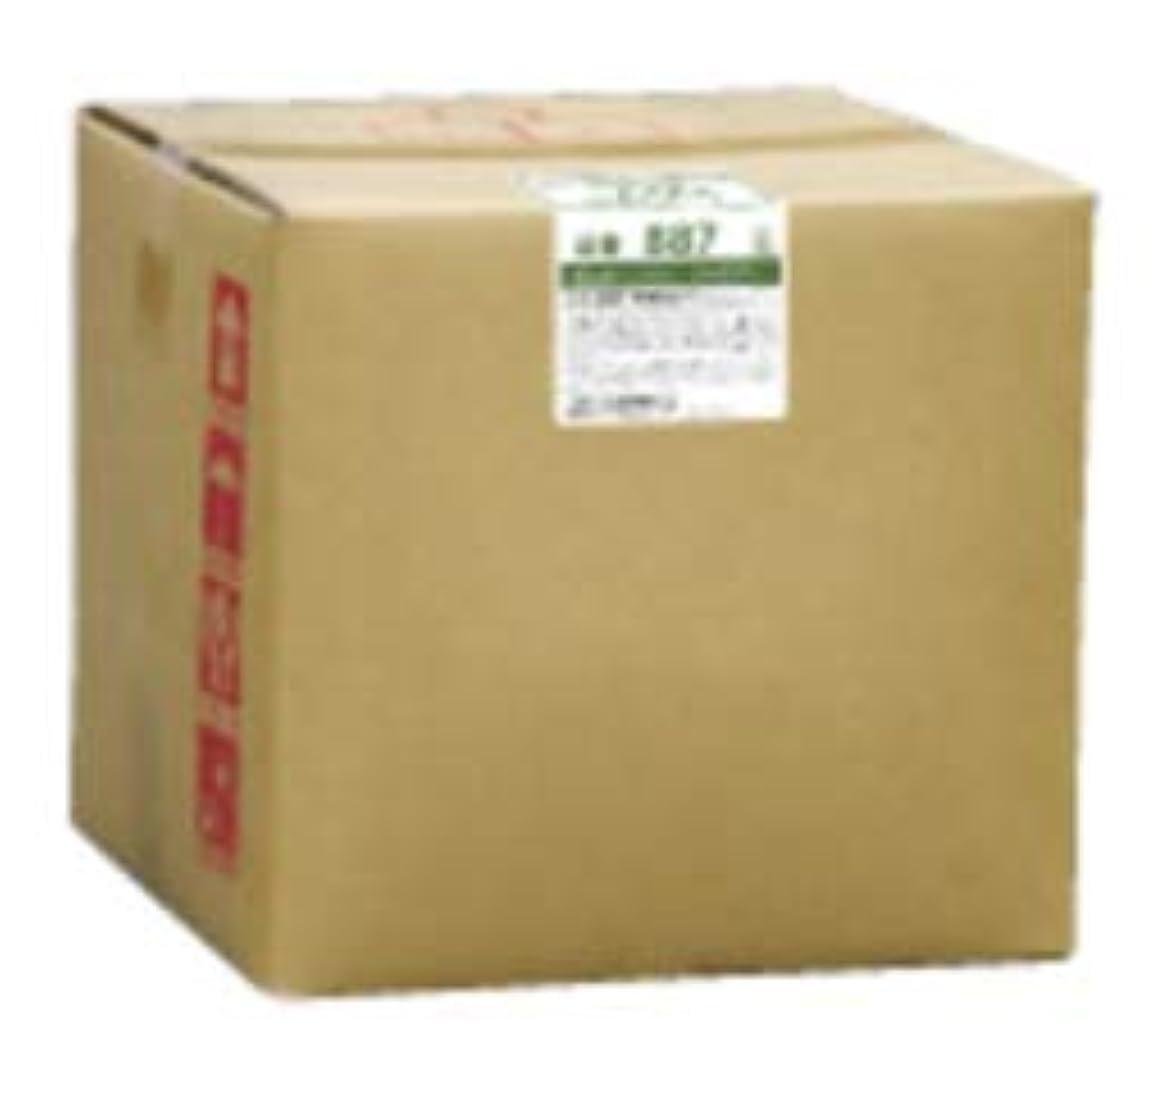 散逸薬プラットフォームフタバ化学 スパジアス シャンプー 18L 詰め替え 800ml専用空容器付 黒糖と蜂蜜